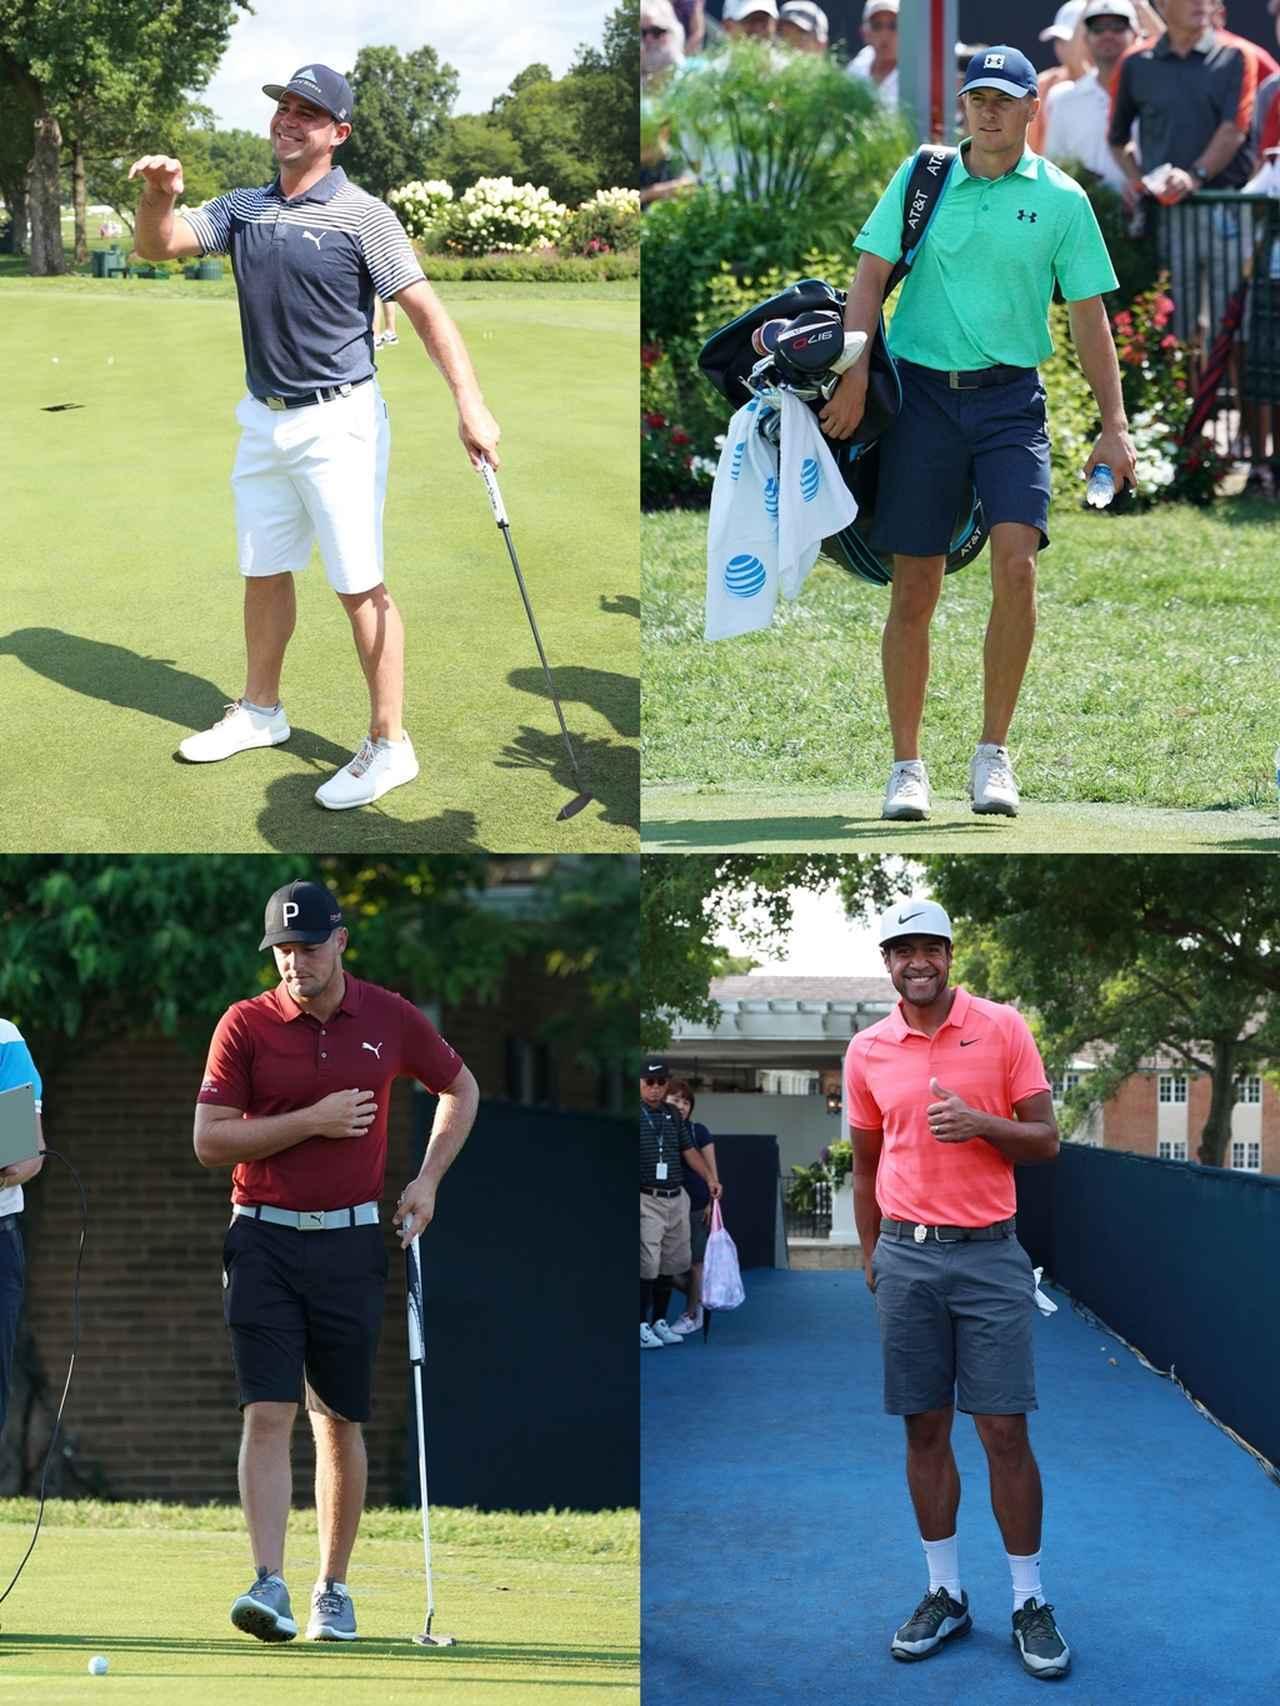 画像: 画像1/全米プロ練習日に短パンを着用していたゲーリー・ウッドランド(左上)、ジョーダン・スピース(右上)、ブライソン・デシャンボー(左下)、トニー・フィナウ(右下)